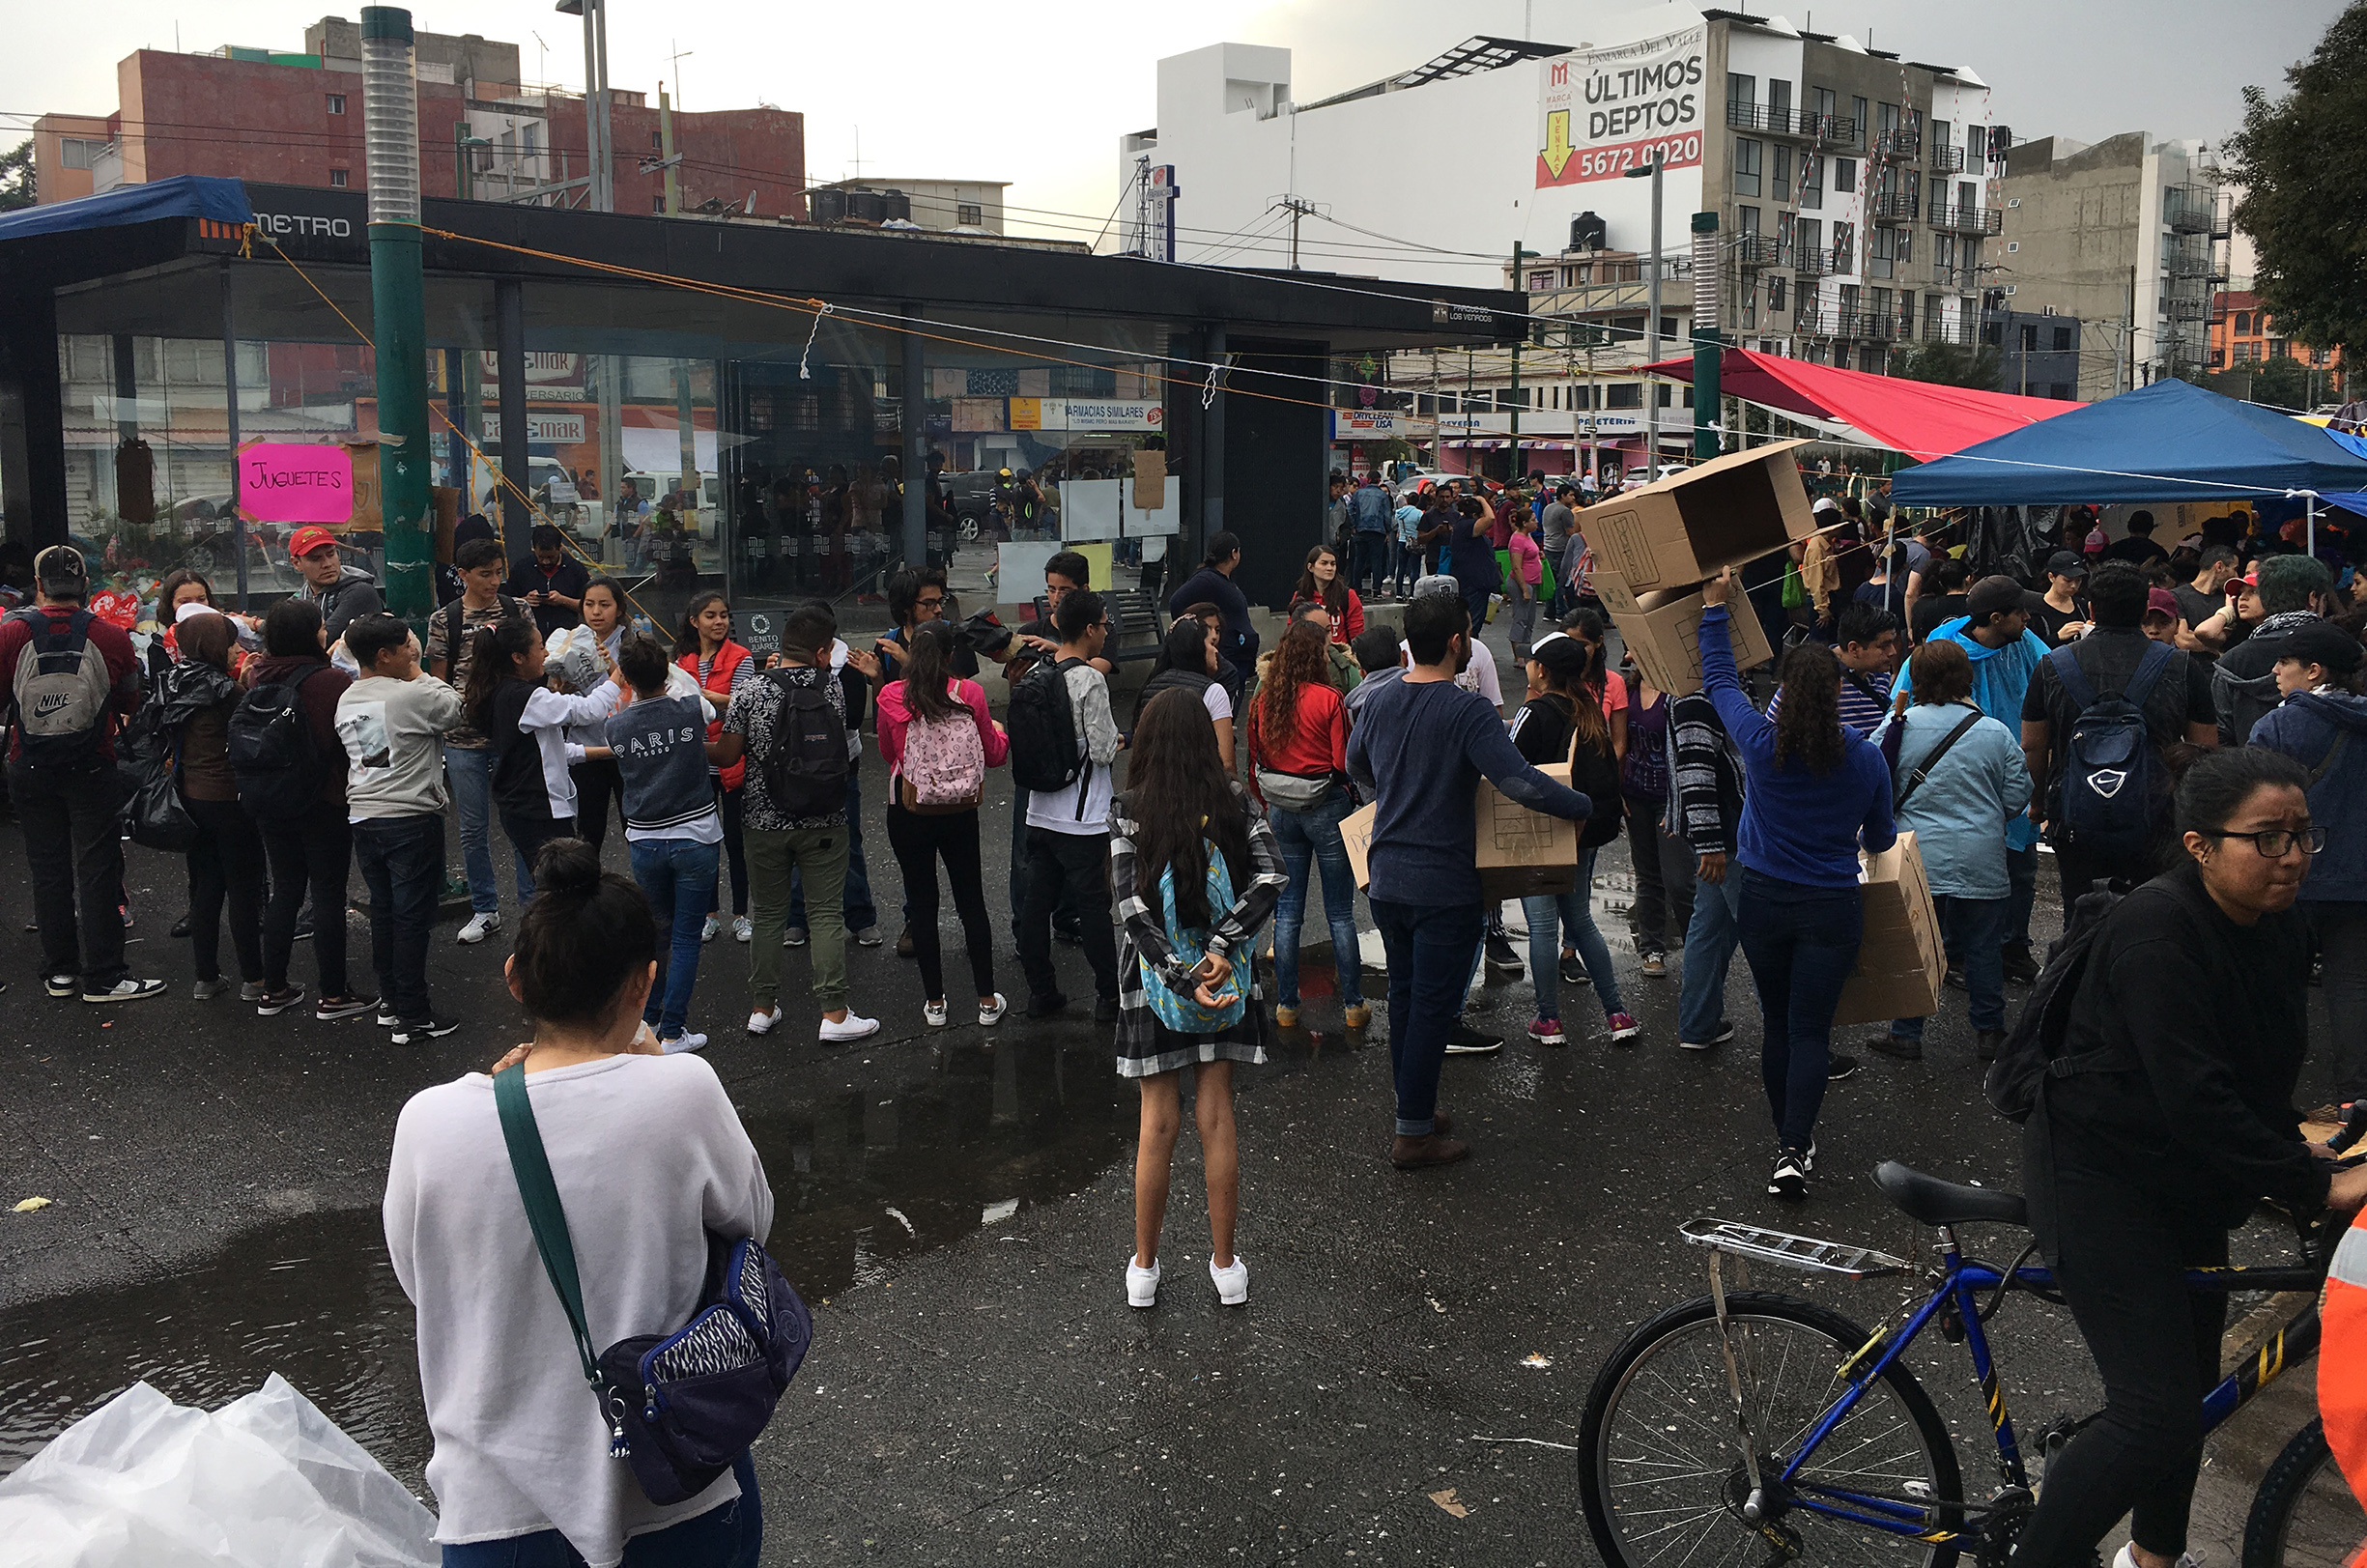 70923016.México, 23 Sep (Notimex-Angélica Guerrero).- En camionetas, bicicletas o a pie continuó la llegada en cascada de miles de jóvenes a lo largo del día en los diversos centros de acopio para cargar cajas y separar productos, por otro en postes de luz se colocan cartulinas pra solicitar apoyo, debido al sismo del 19 de septiembre. NOTIMEX/FOTO/ANGÉLICA GUERRERO/DIS/SISMO17